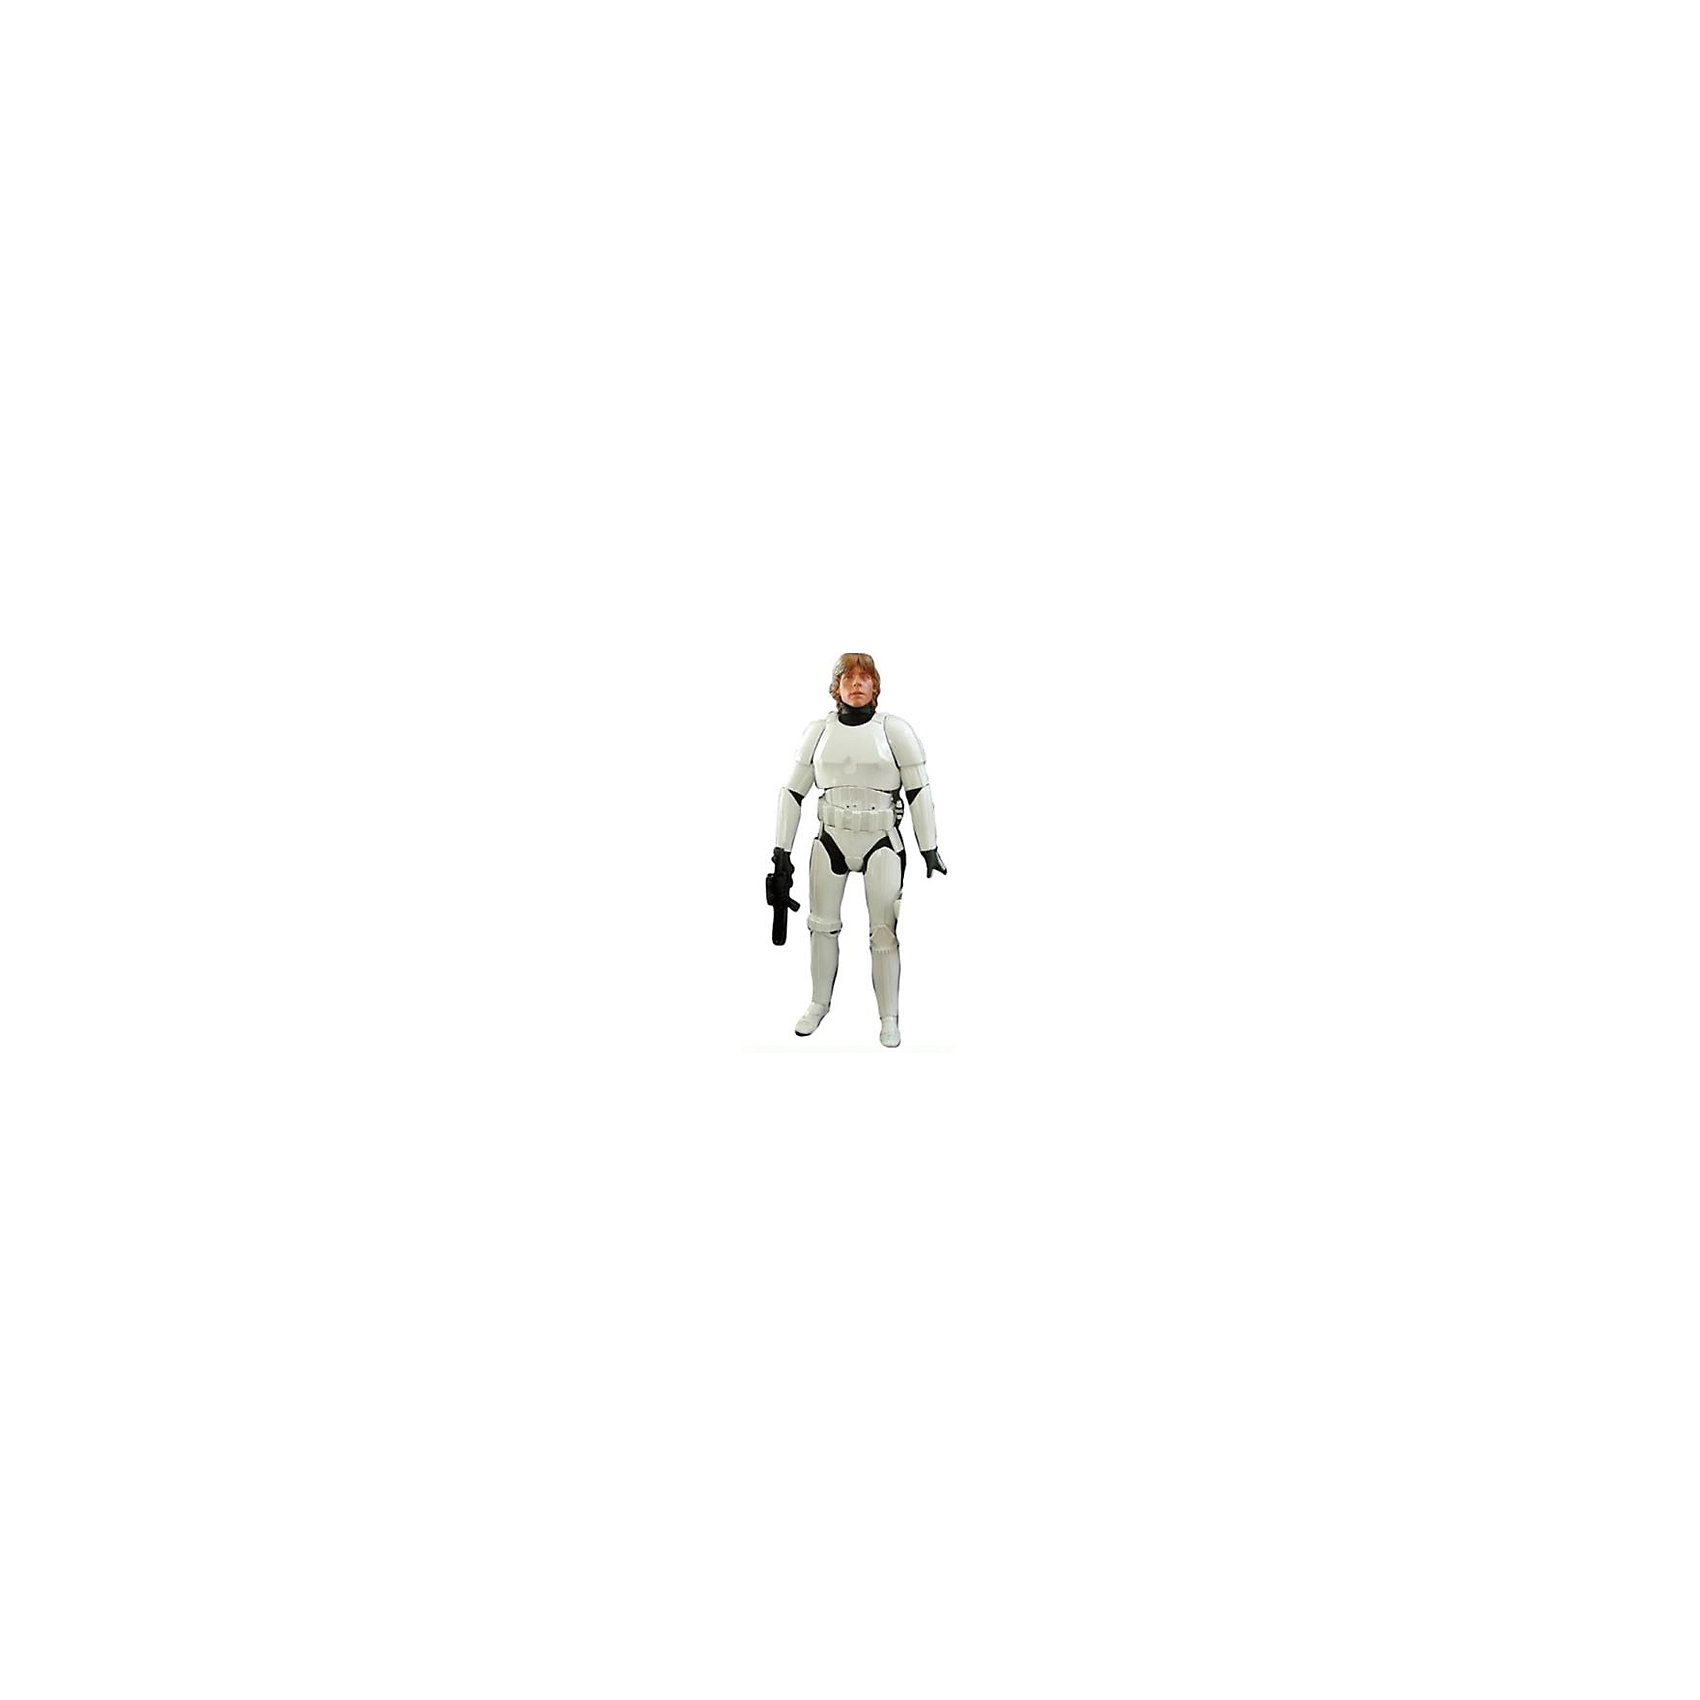 Фигура Скайуокер в броне штурмовика, 79 см, Звездные Войны, Big FiguresФигурки героев<br>Скайвокер в броне штурмовика из серии Big Figures – главный герой и ключевая фигура киносаги Джорджа Лукаса «Звездные Войны (Star Wars)». В течение всей киноэпопеи можно наблюдать становление персонажа в качестве проводника Силы, переход его на сторону Темной стороны Силы и его искупление в конце. После перехода на сторону Темной Силы принял имя Дарта Вайдера, чья фигура также присутствует в коллекции Big Figures в разном исполнении. <br><br>Обратите внимание, что рост игрушки составляет практически 80 см, что ограничивает минимальный возраст игры с ней. Хан Соло может поворачивать голову, двигать руками и ногами, что позволяет принимать различные позы во время игры. Сама фигура сделана из высокопрочного пластика и покрыта безопасными для детей красками. В виде аксессуара к фигурке прилагается оружие, которое, при желании, можно вынимать и вкладывать в кисть куклы.<br><br>Дополнительная информация:<br><br>В набор входит:<br>Большая фигура Скайвокер высотой 79 см<br>Оружие<br><br>Фигуру Скайуокер в броне штурмовика, 79 см, Звездные Войны (Star Wars), Big Figures можно купить в нашем магазине.<br><br>Ширина мм: 330<br>Глубина мм: 800<br>Высота мм: 155<br>Вес г: 1760<br>Возраст от месяцев: 36<br>Возраст до месяцев: 1188<br>Пол: Мужской<br>Возраст: Детский<br>SKU: 4135959